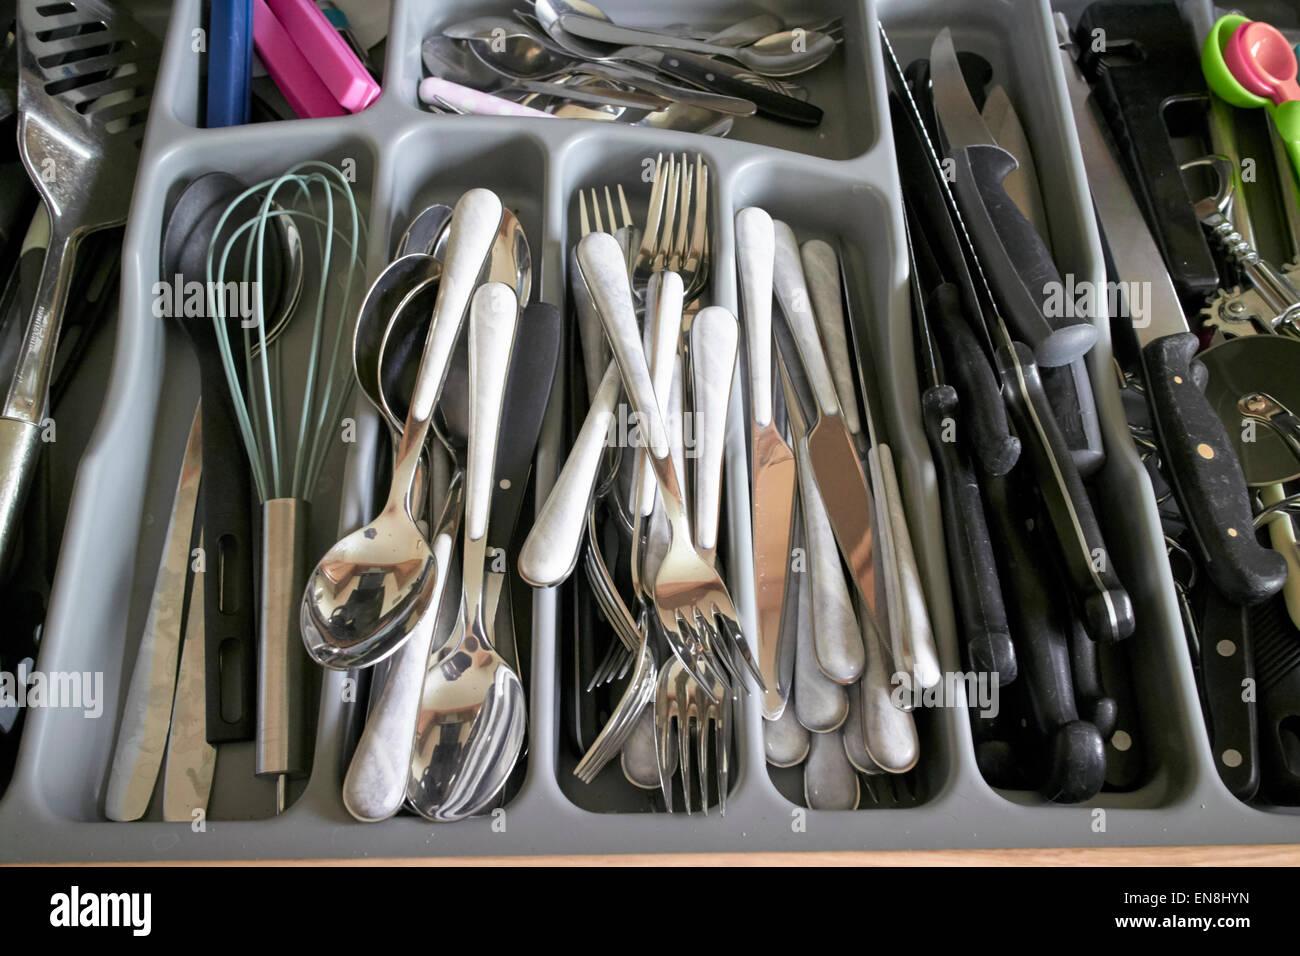 cutlery drawer full of utensils - Stock Image